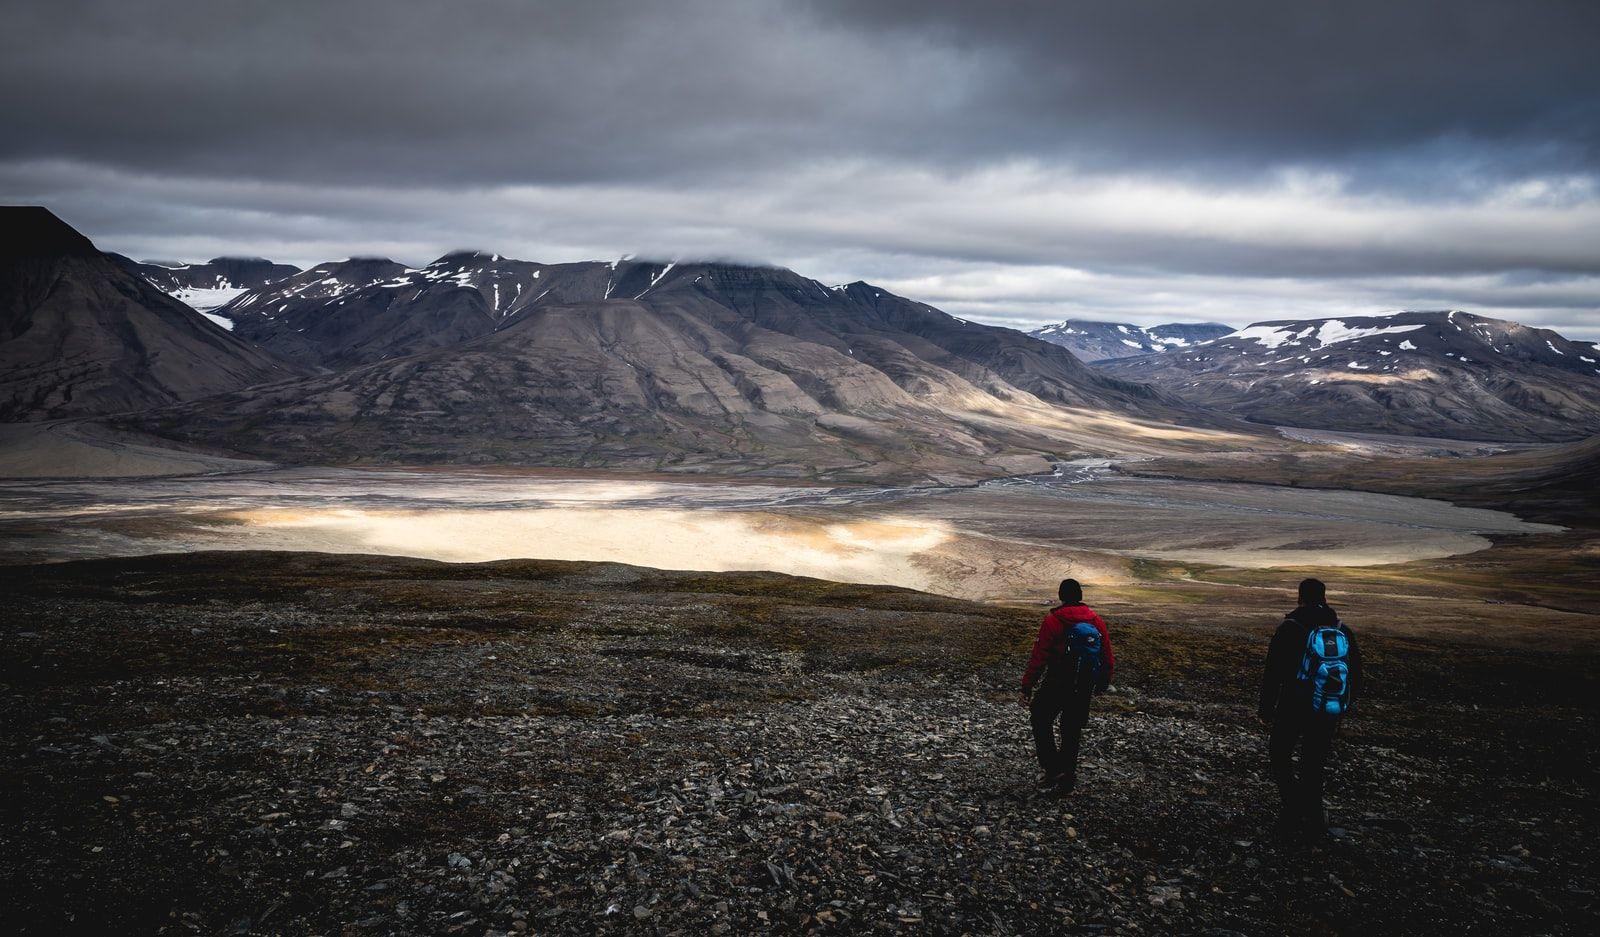 Svalbard, Norway by Patrick Schneider / Unsplash